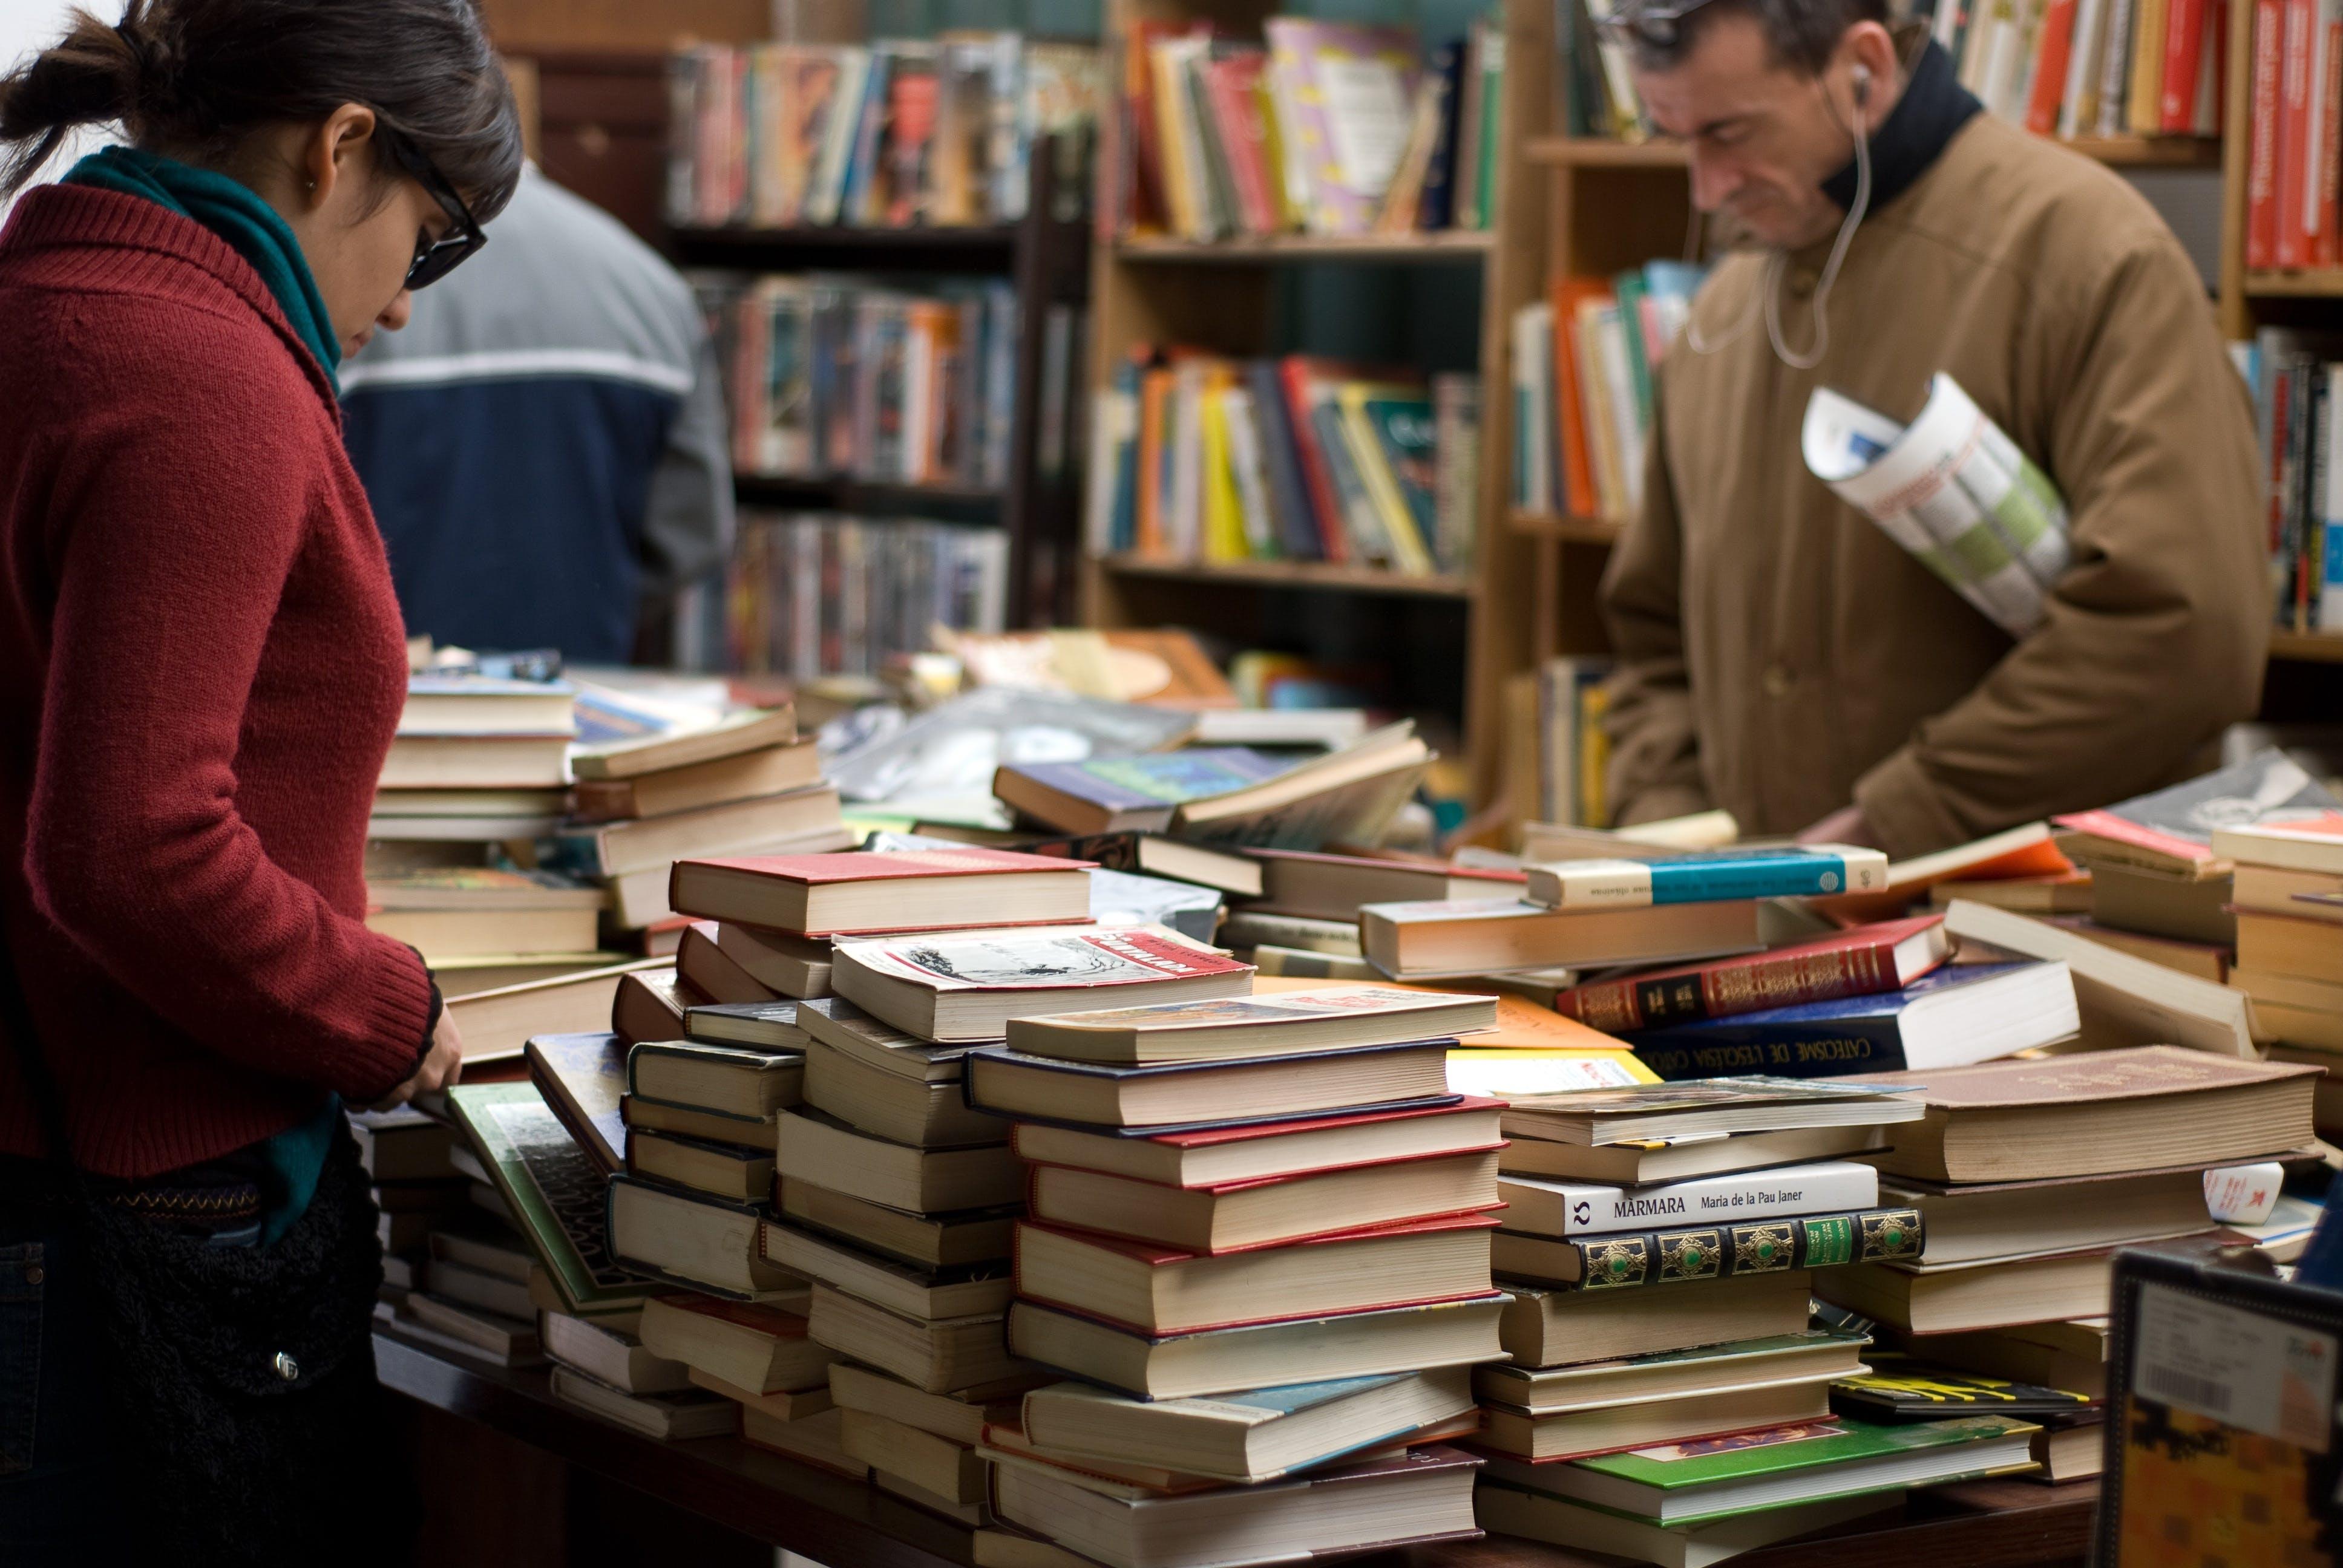 Δωρεάν στοκ φωτογραφιών με αγορά, ανάγνωση, άνδρας, Άνθρωποι